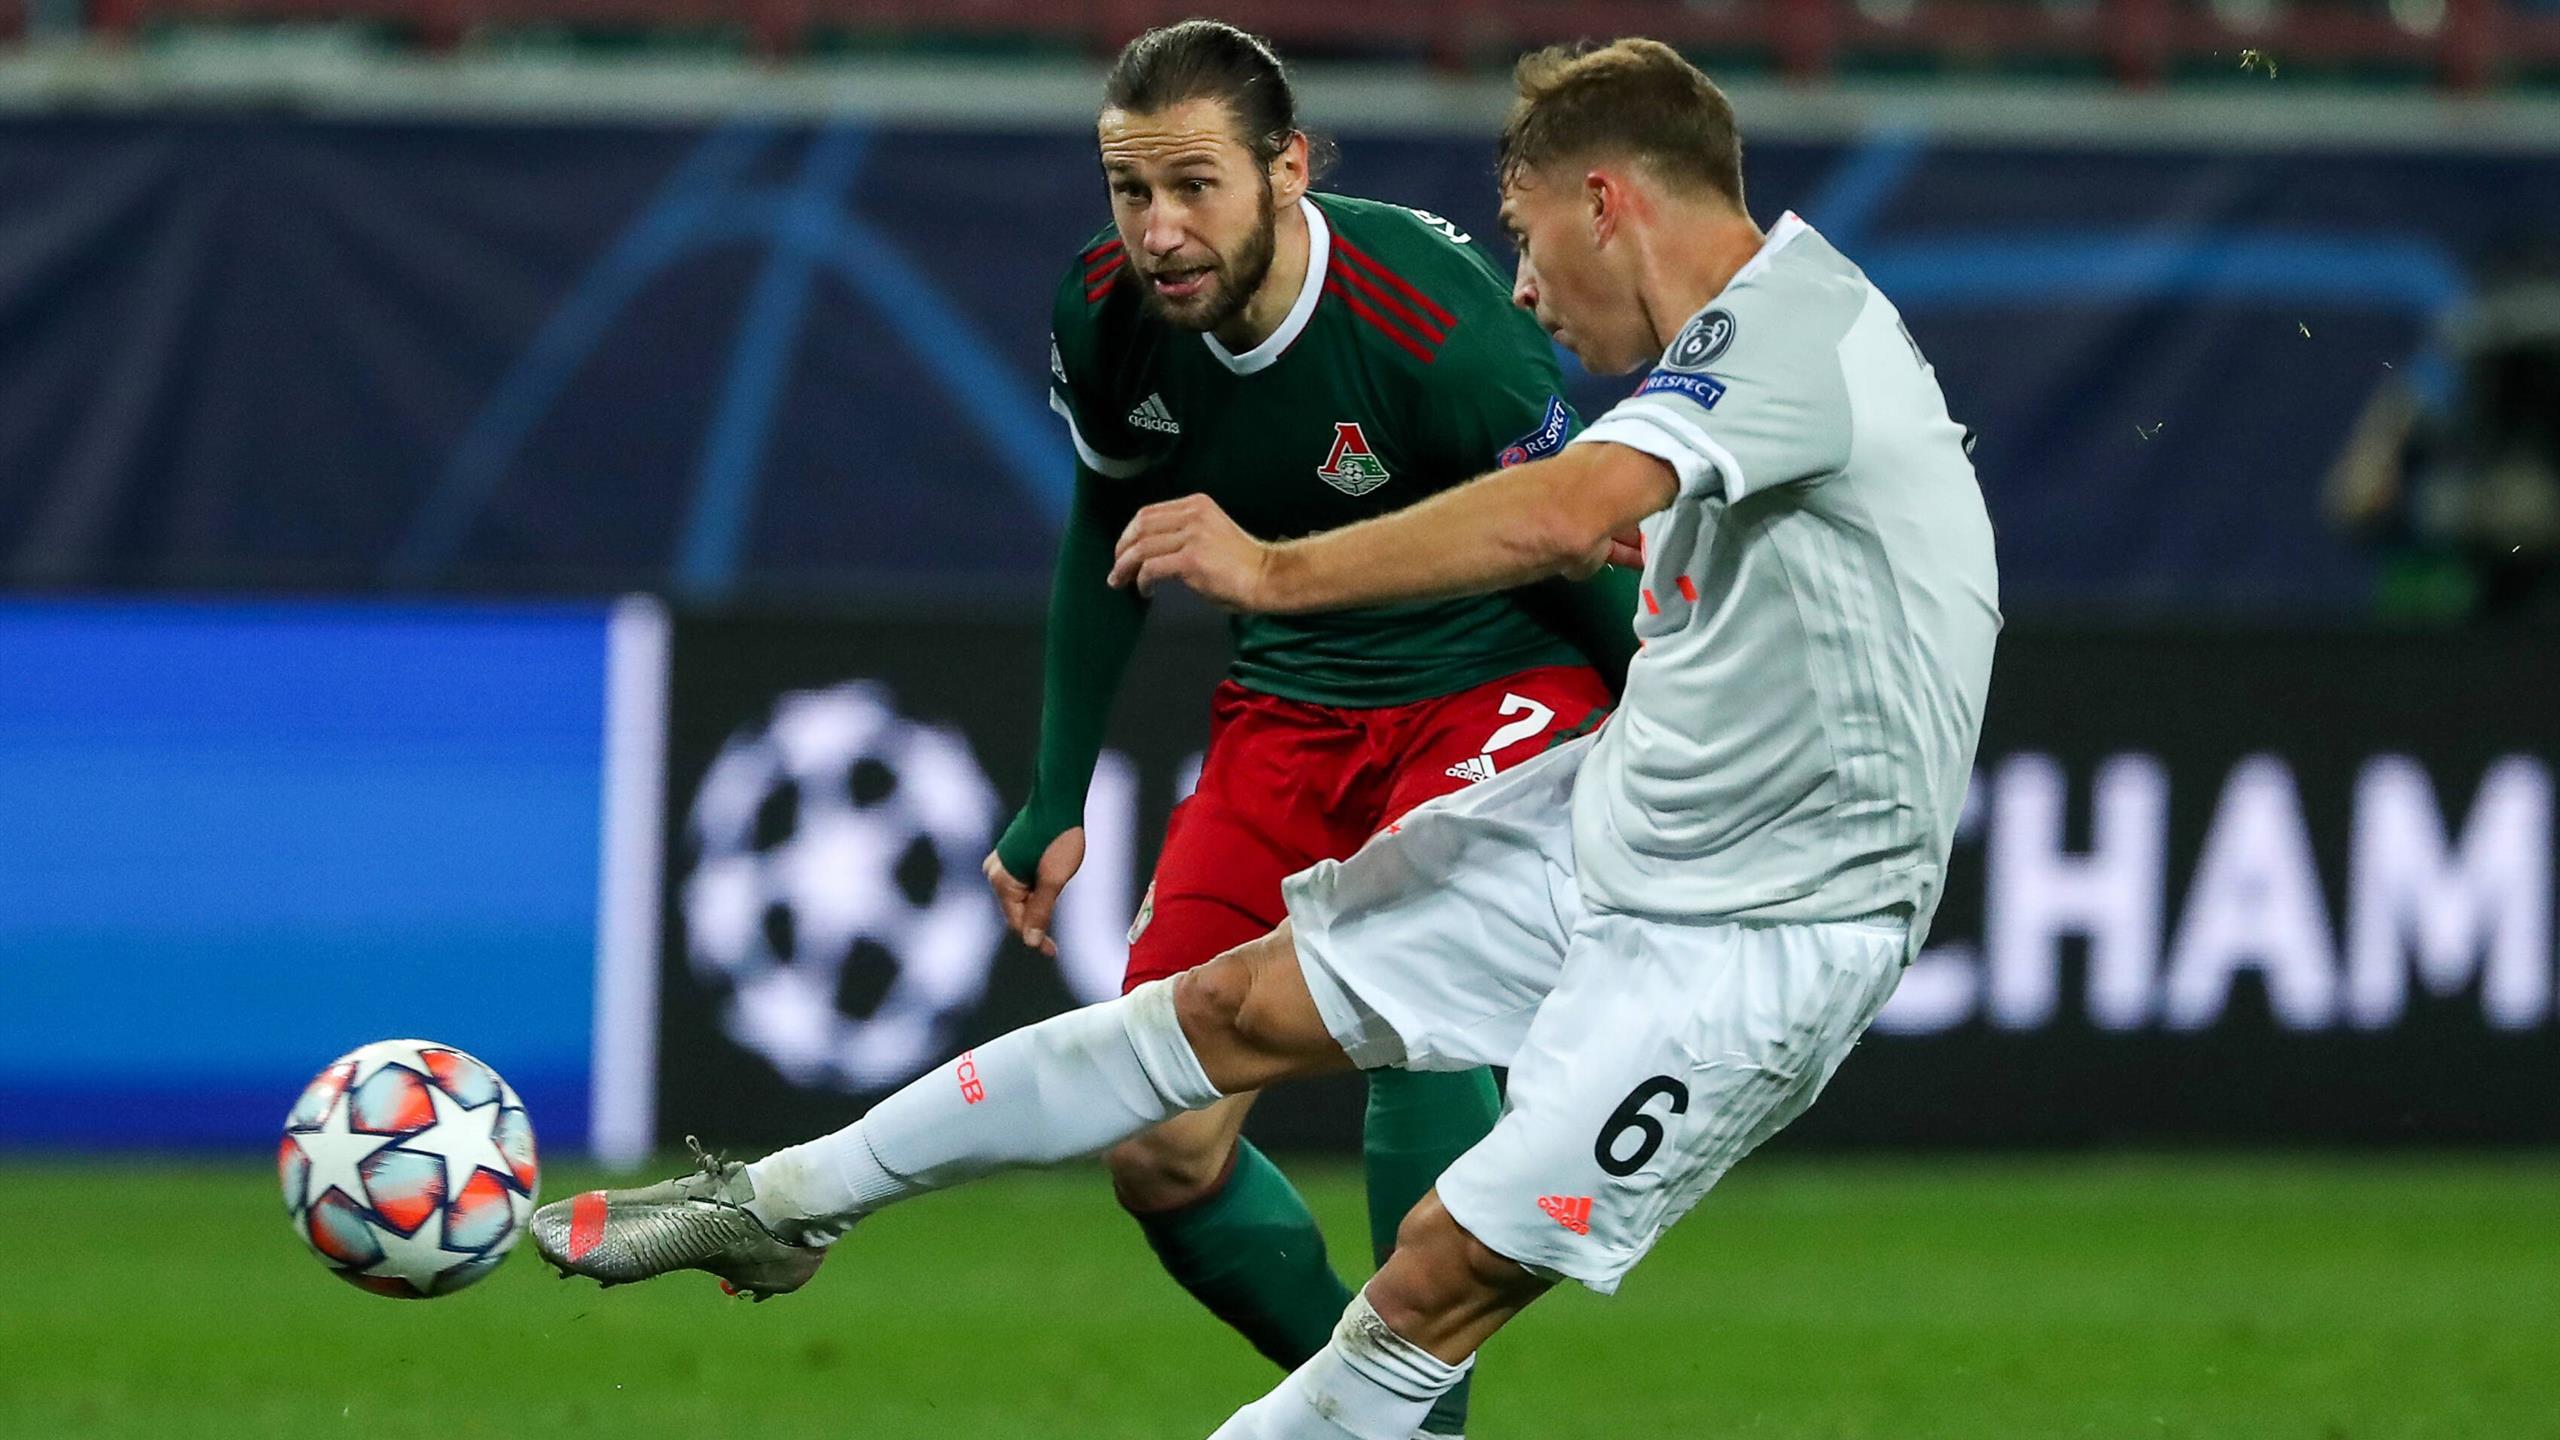 Lch V Anglii Krasnodar Gnobyat Za Rasizm Igroki Ne Preklonili Koleno V Podderzhku Blm Eurosport